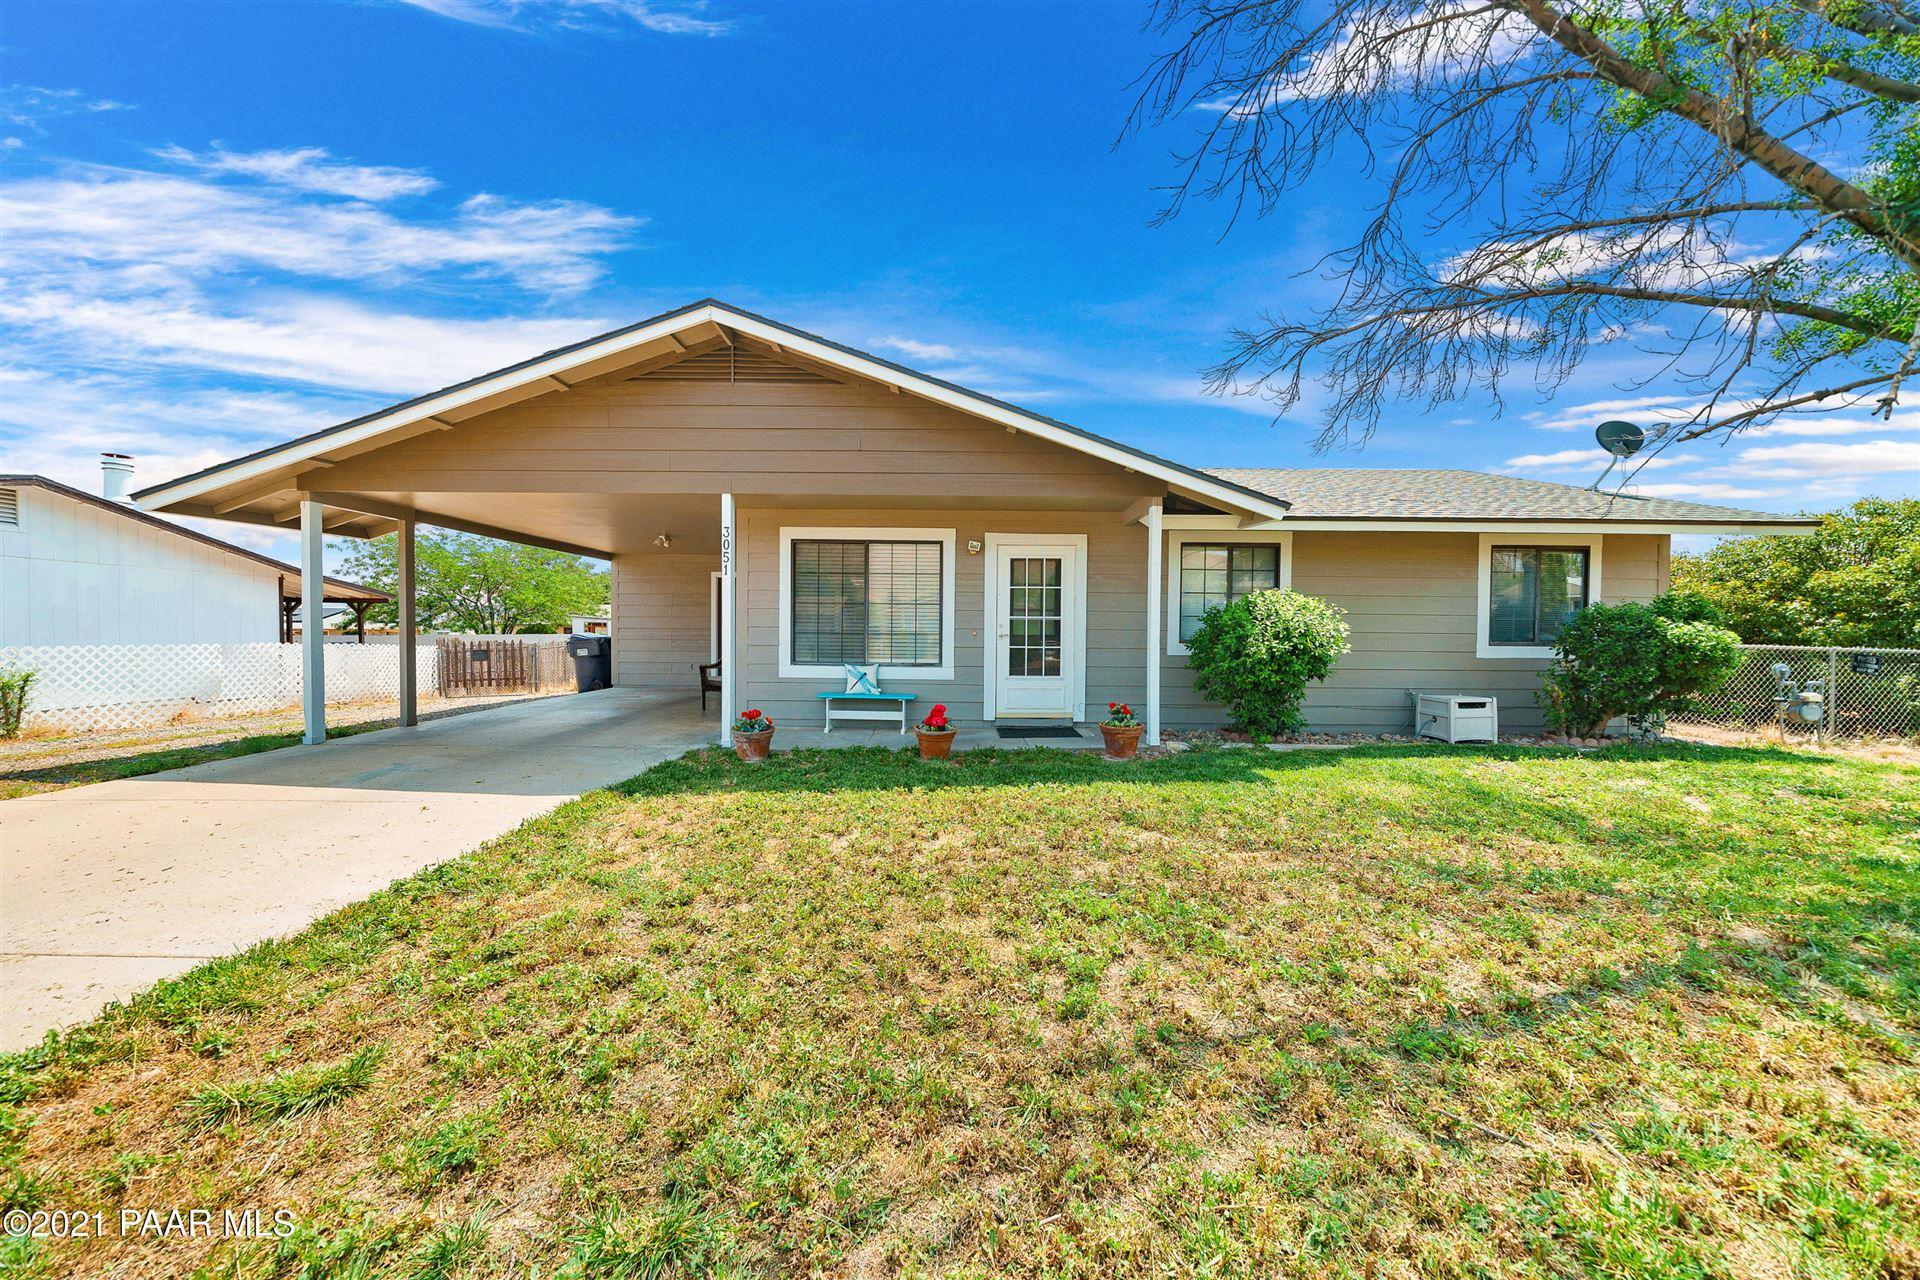 Photo of 3051 N Kings Highway #Lot: 232, Prescott Valley, AZ 86314 (MLS # 1040364)